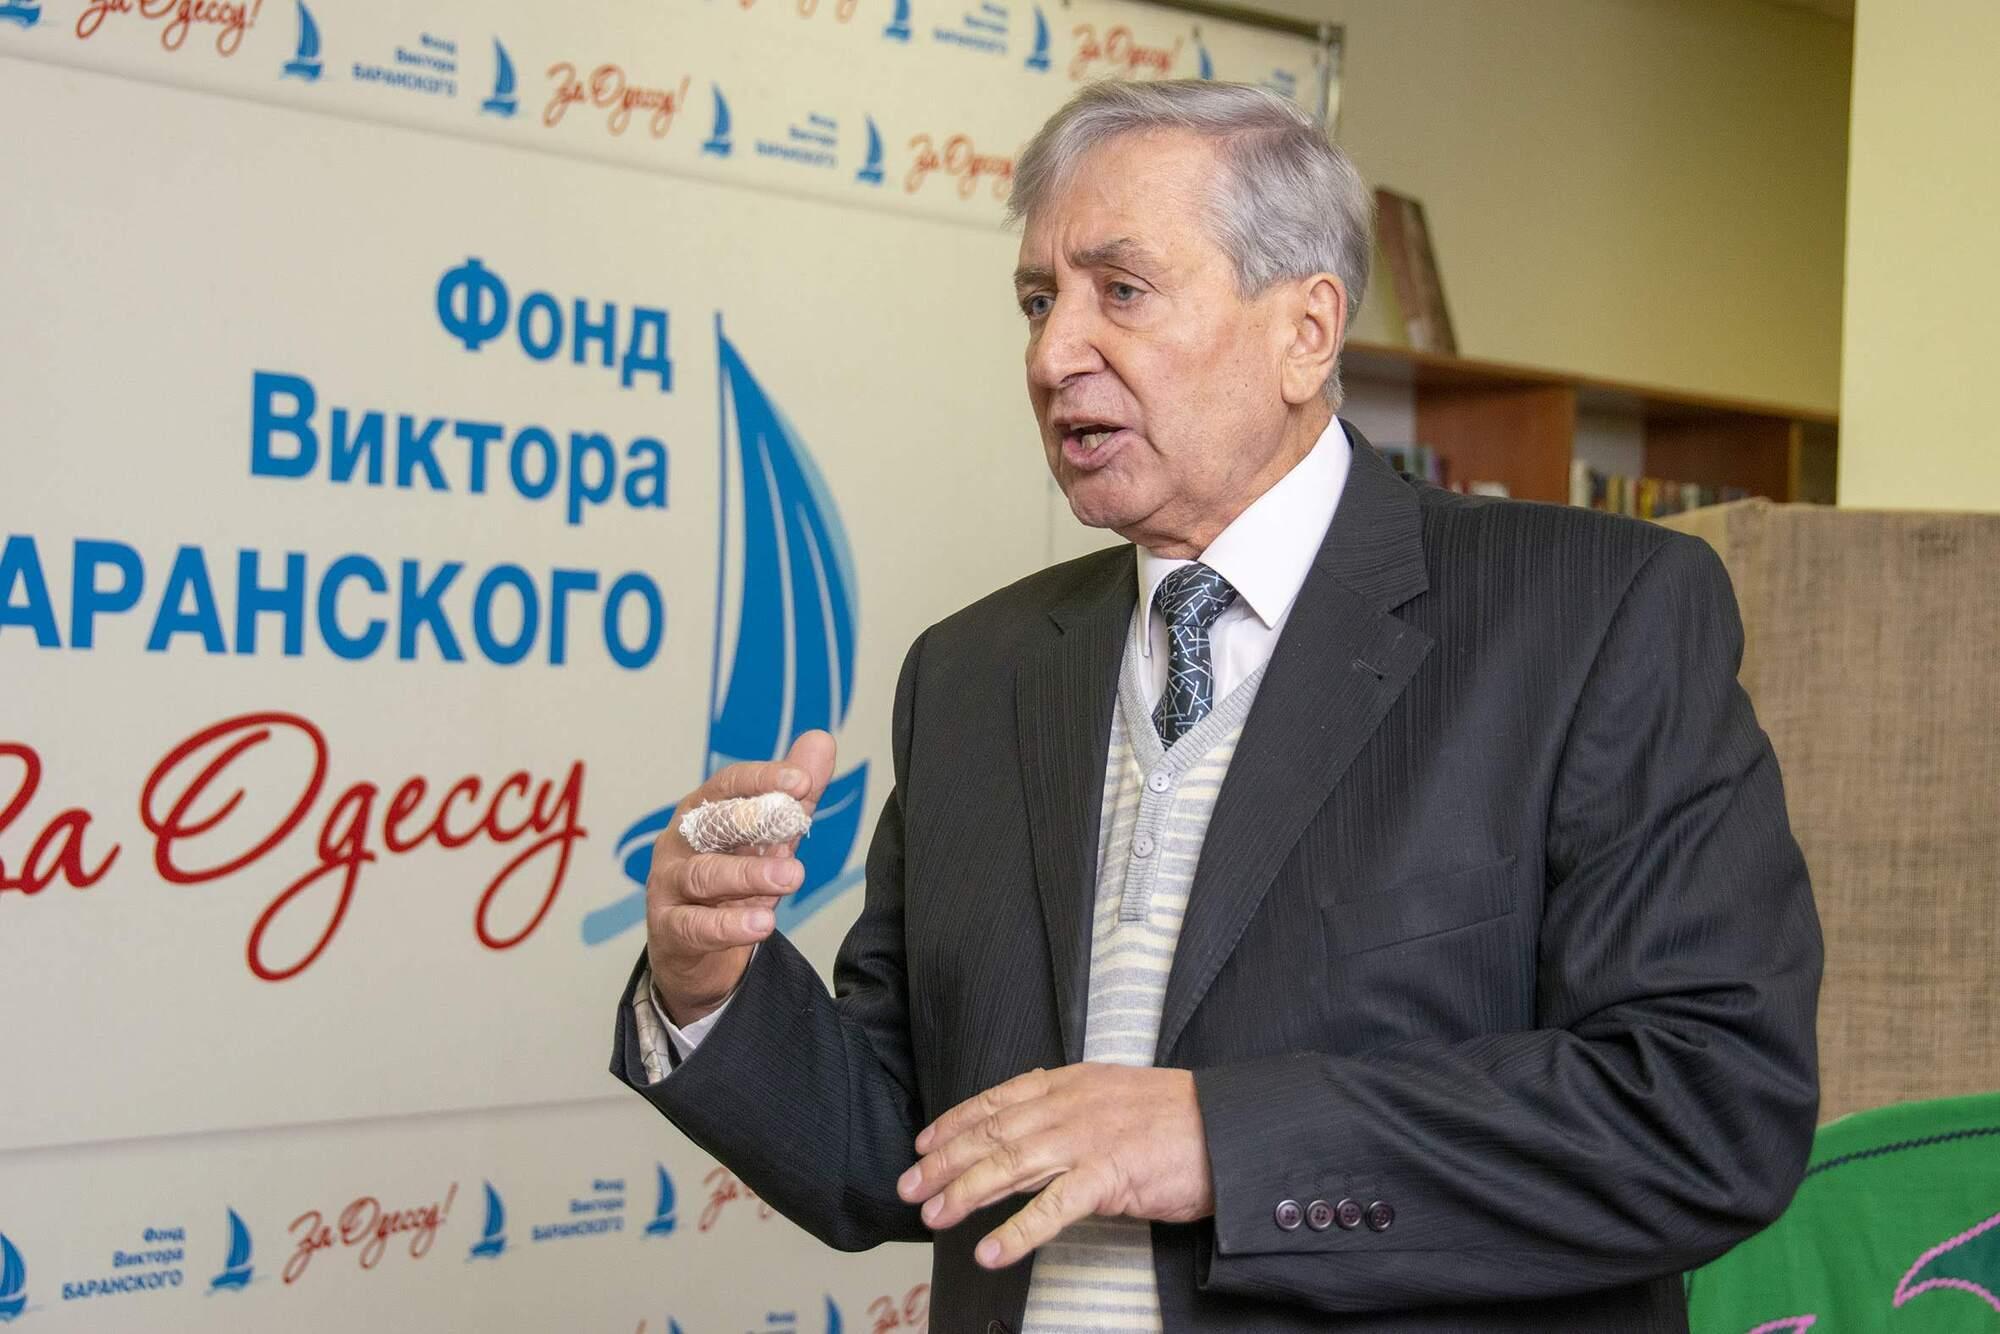 Народний артист України народився 1953 року